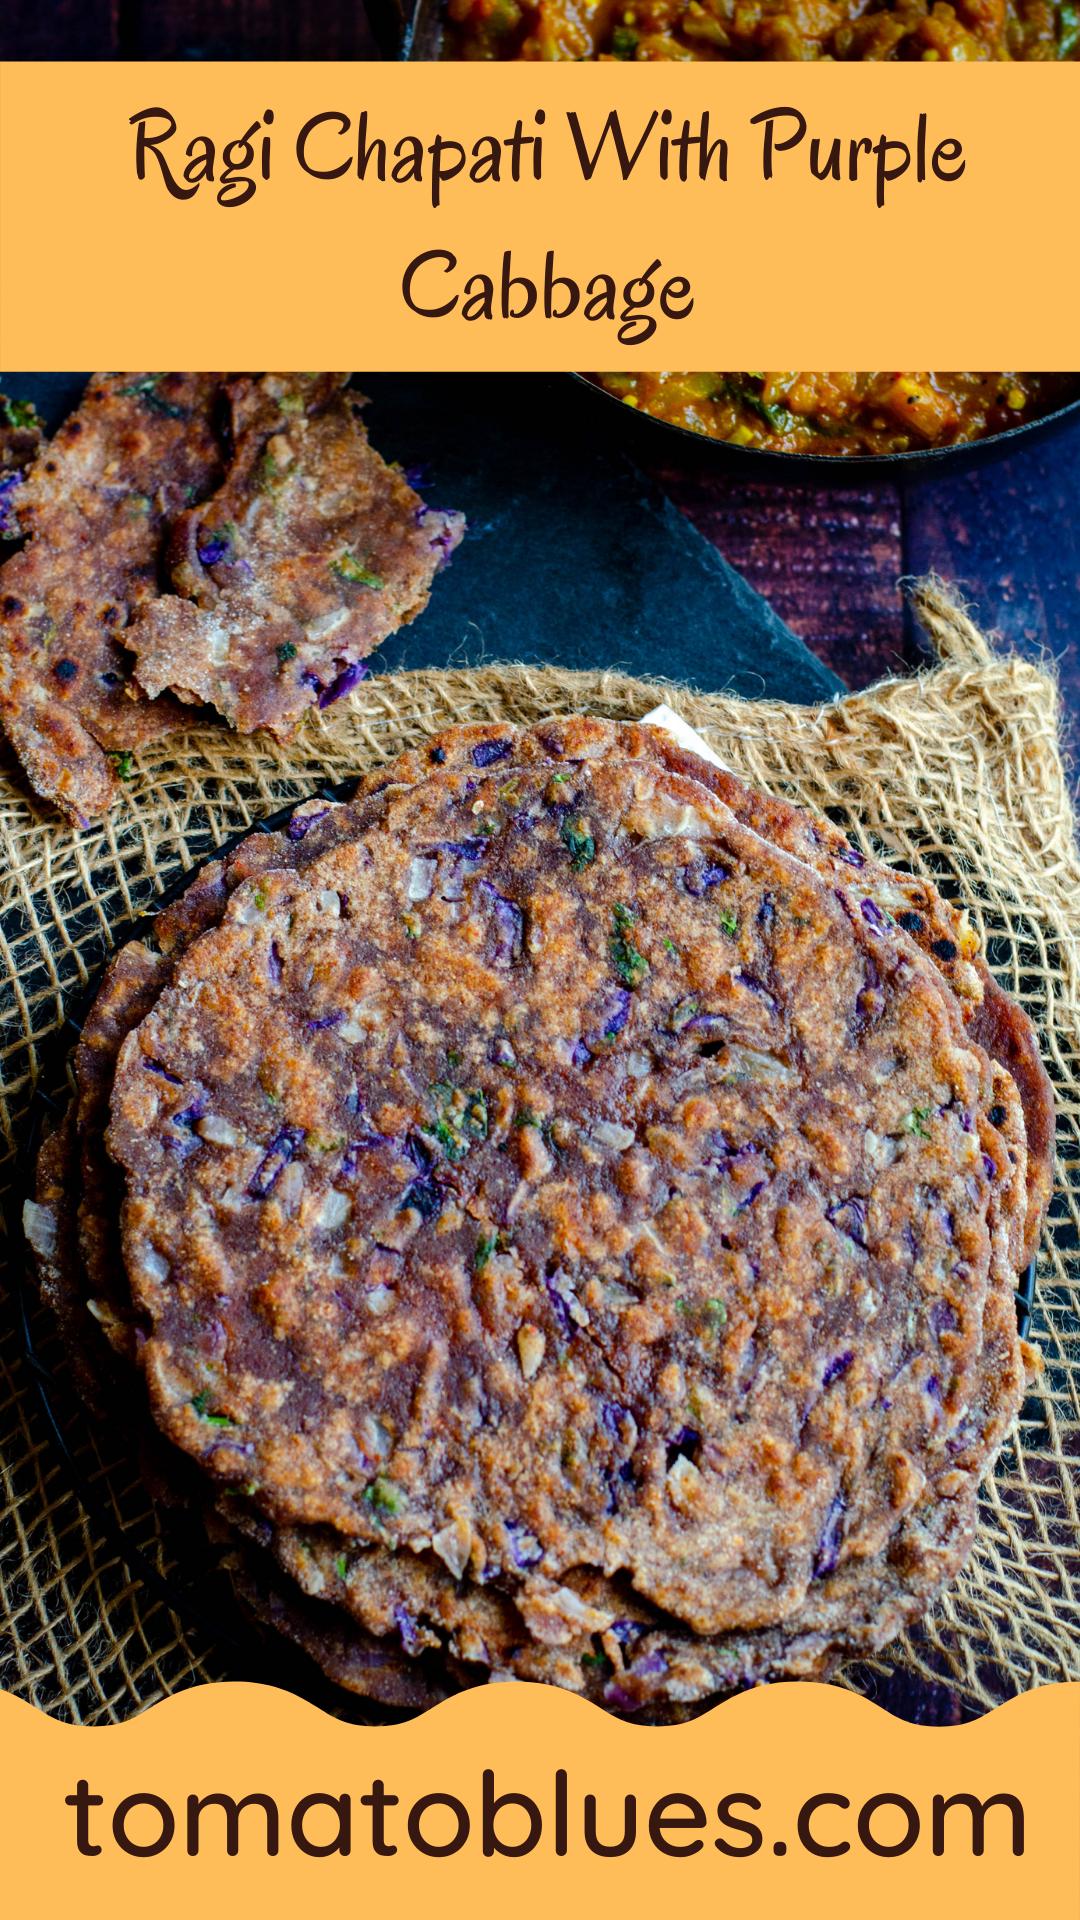 Ragi chapati pin image